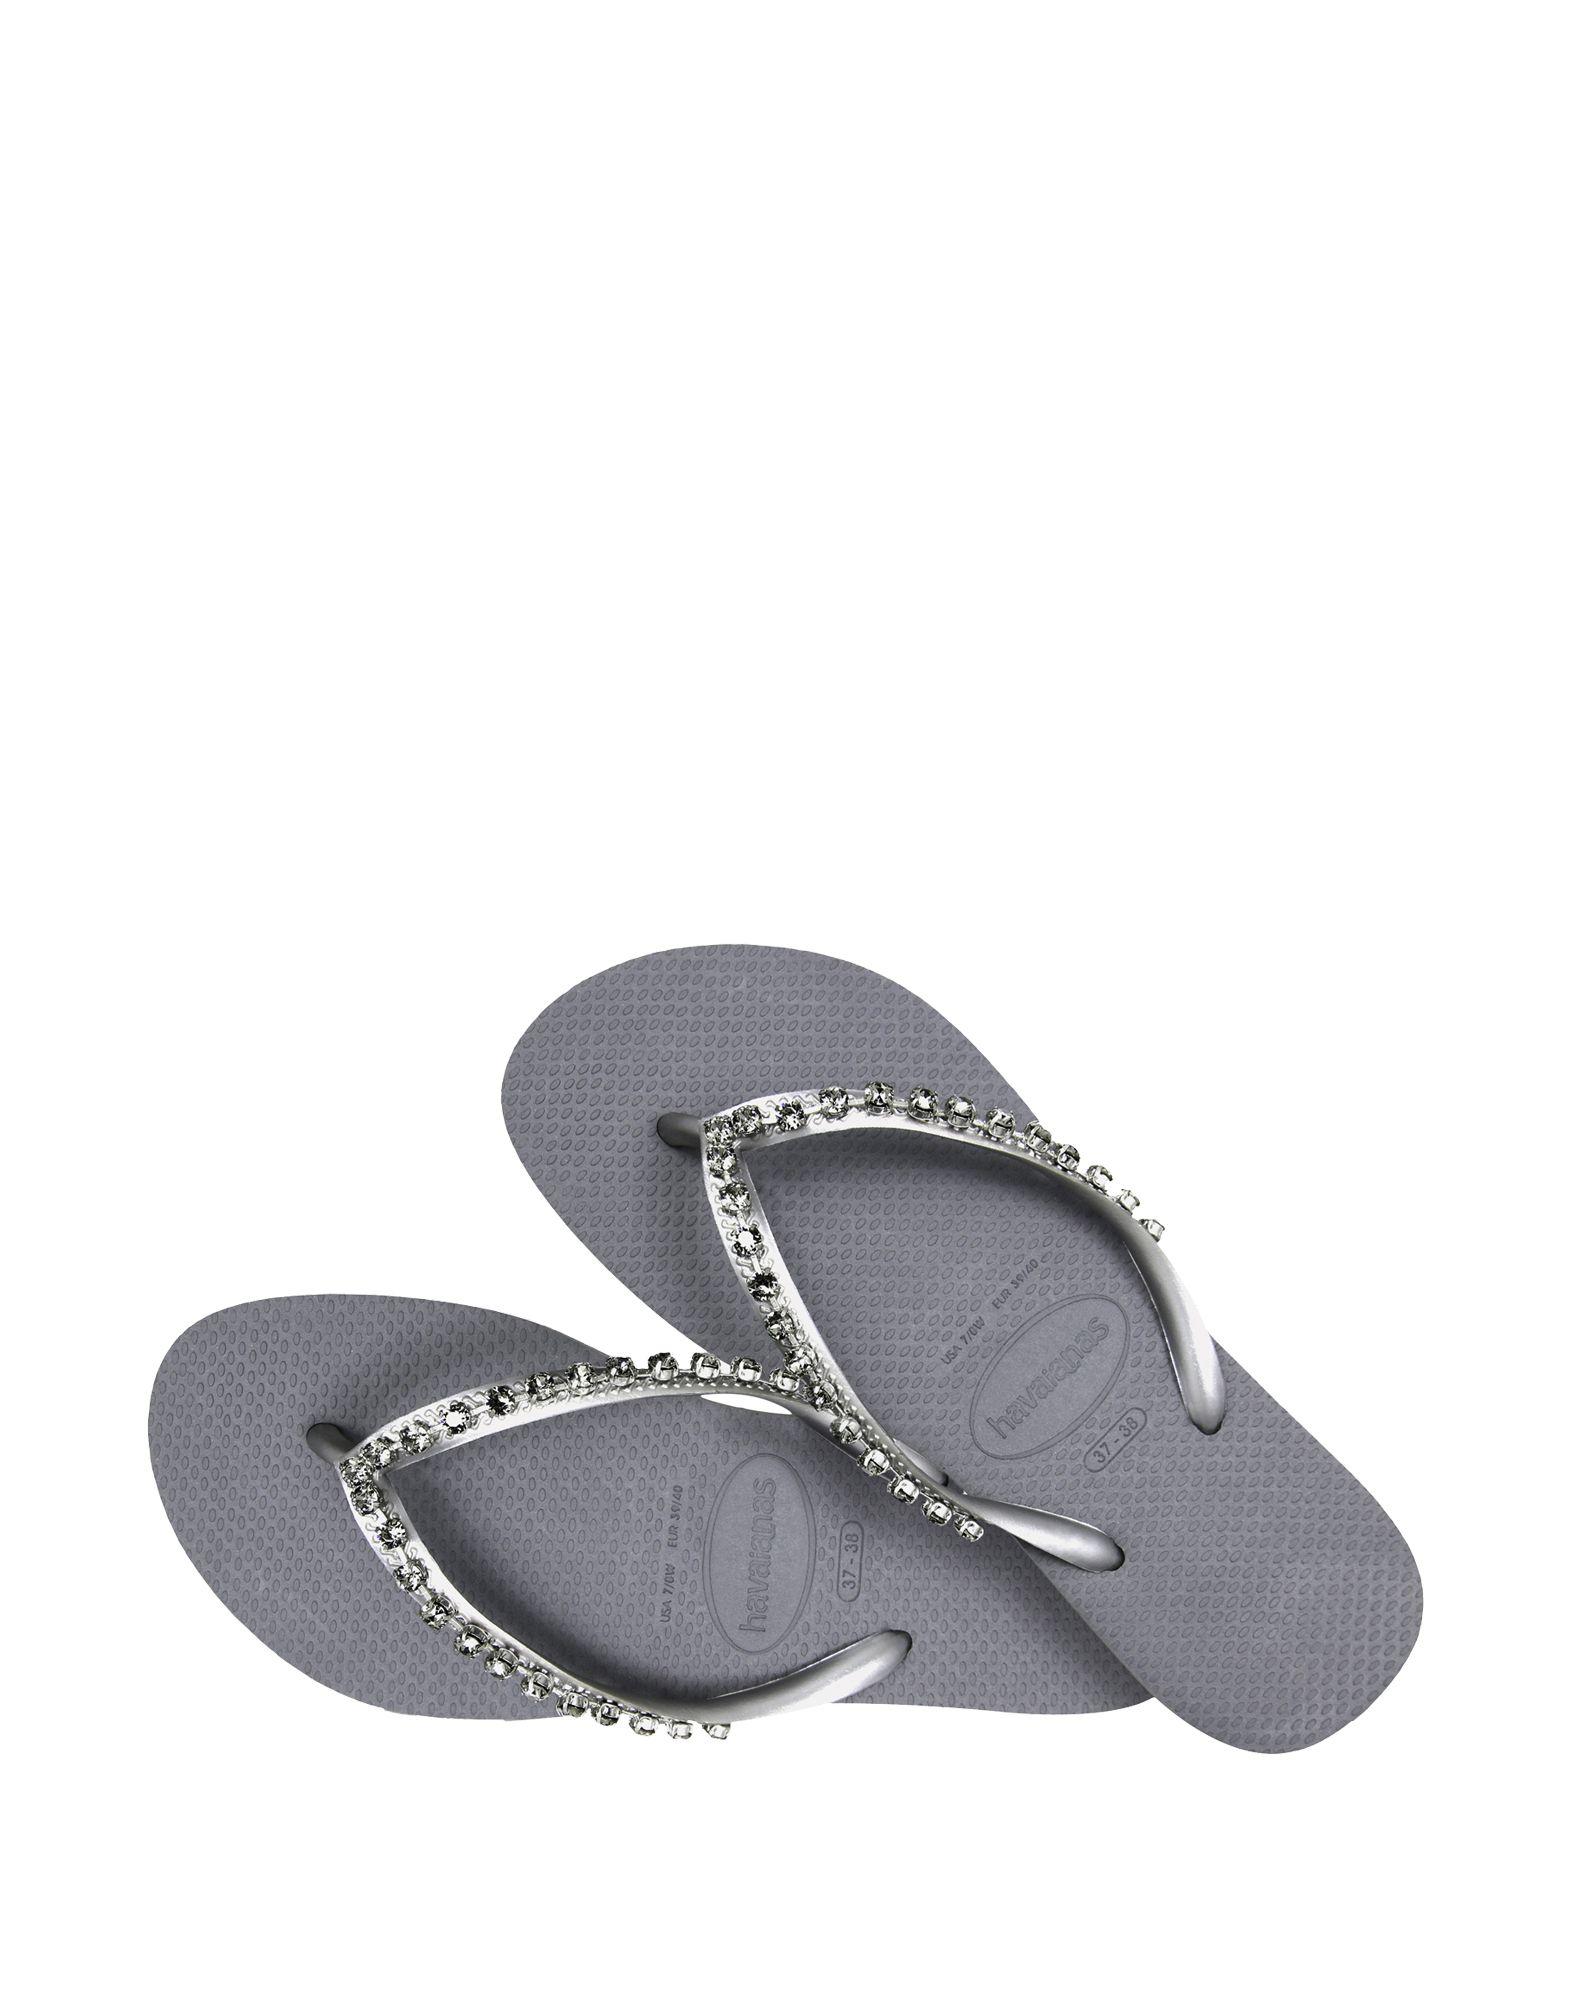 c97aeb001 Slim Rock Mesh Mesh Mesh - Flip Flops - Women Havaianas Flip Flops ...